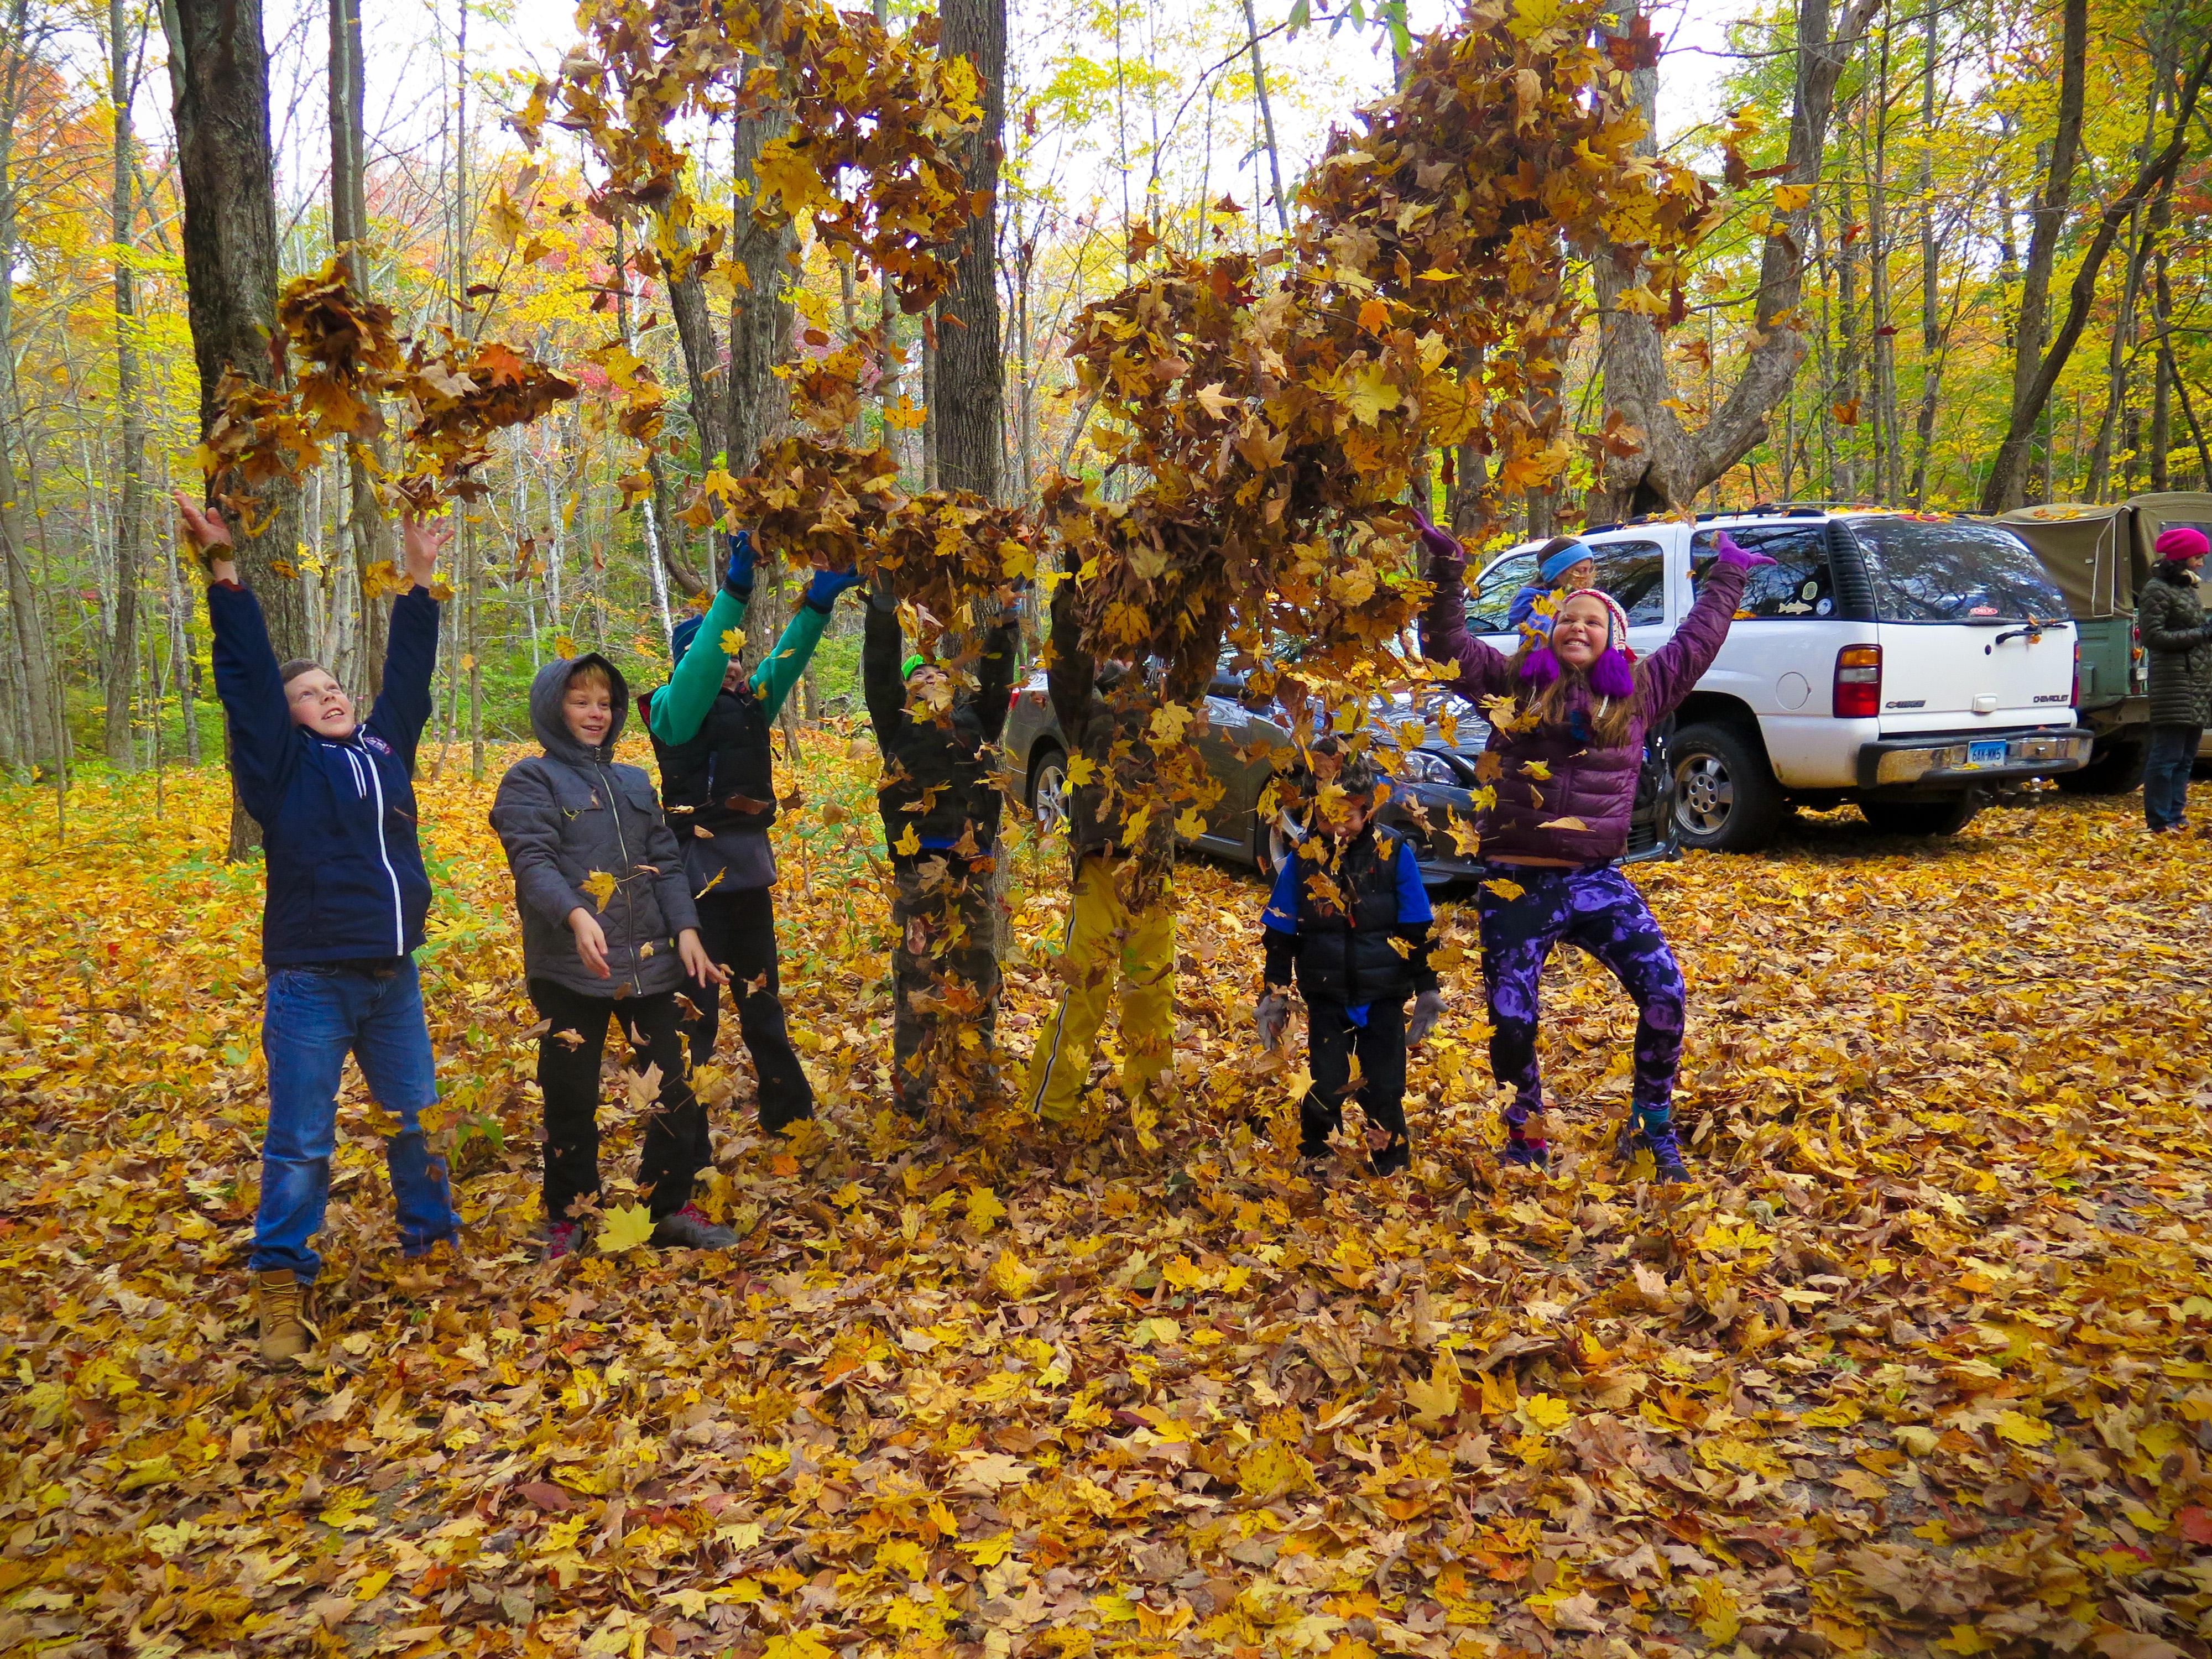 Celebrating Fall in the Tobin Preserve Oct 2015 MCherniske